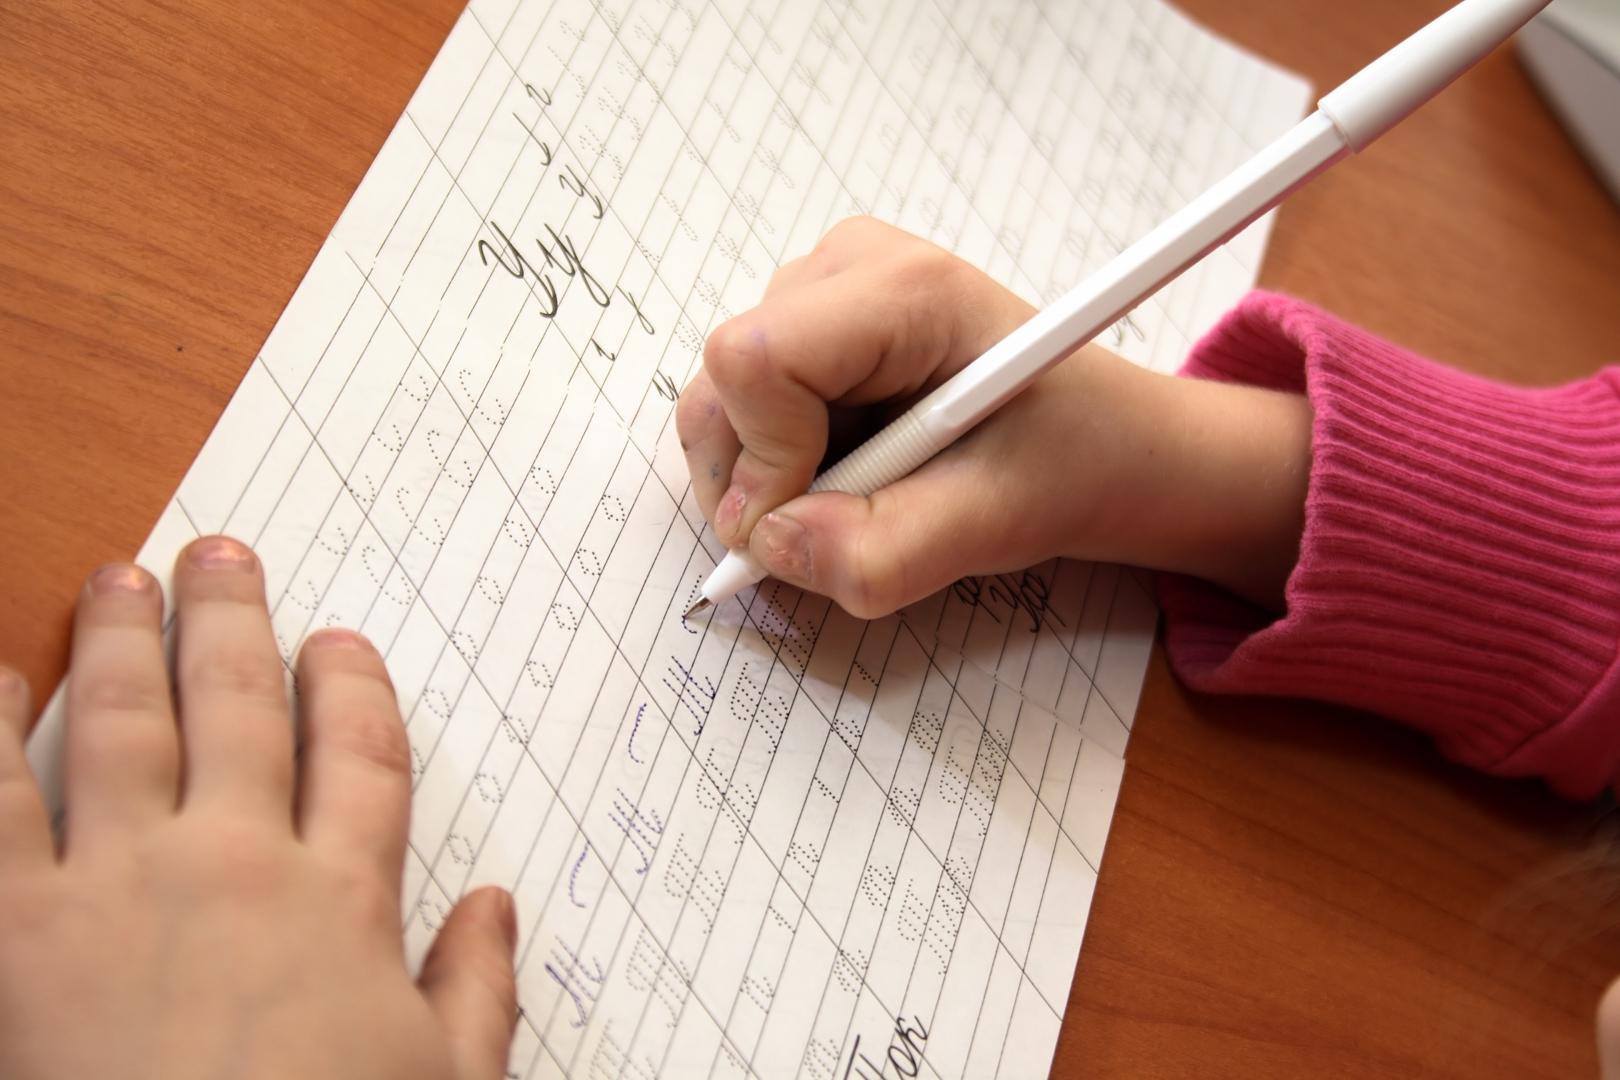 Картинки писать научись